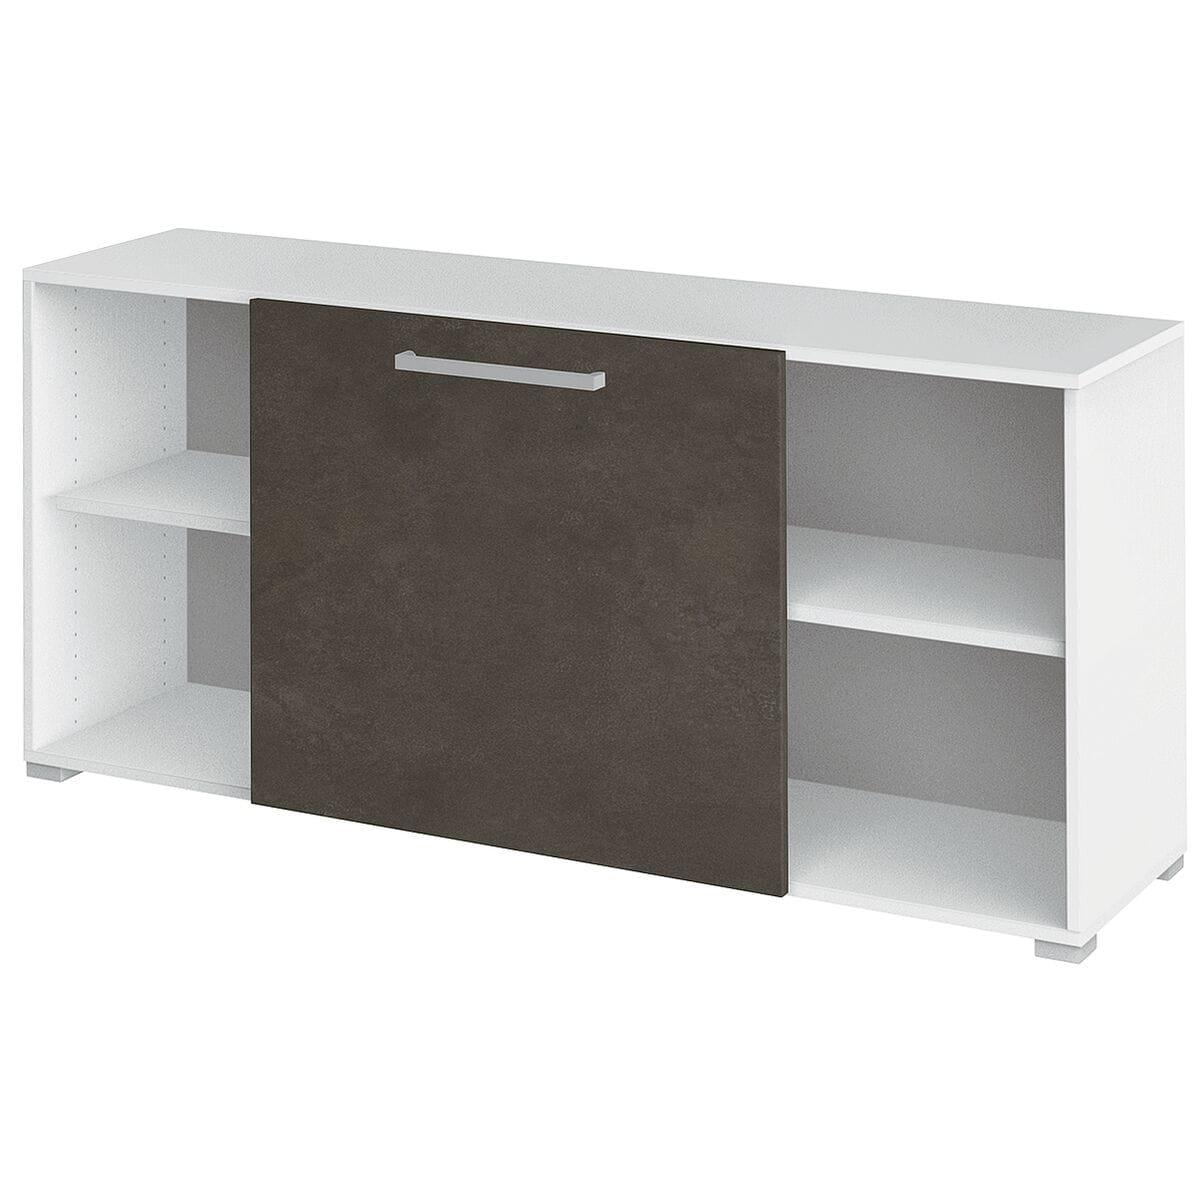 r hr sideboard objekt plus 1 schiebet r bei otto office g nstig kaufen. Black Bedroom Furniture Sets. Home Design Ideas